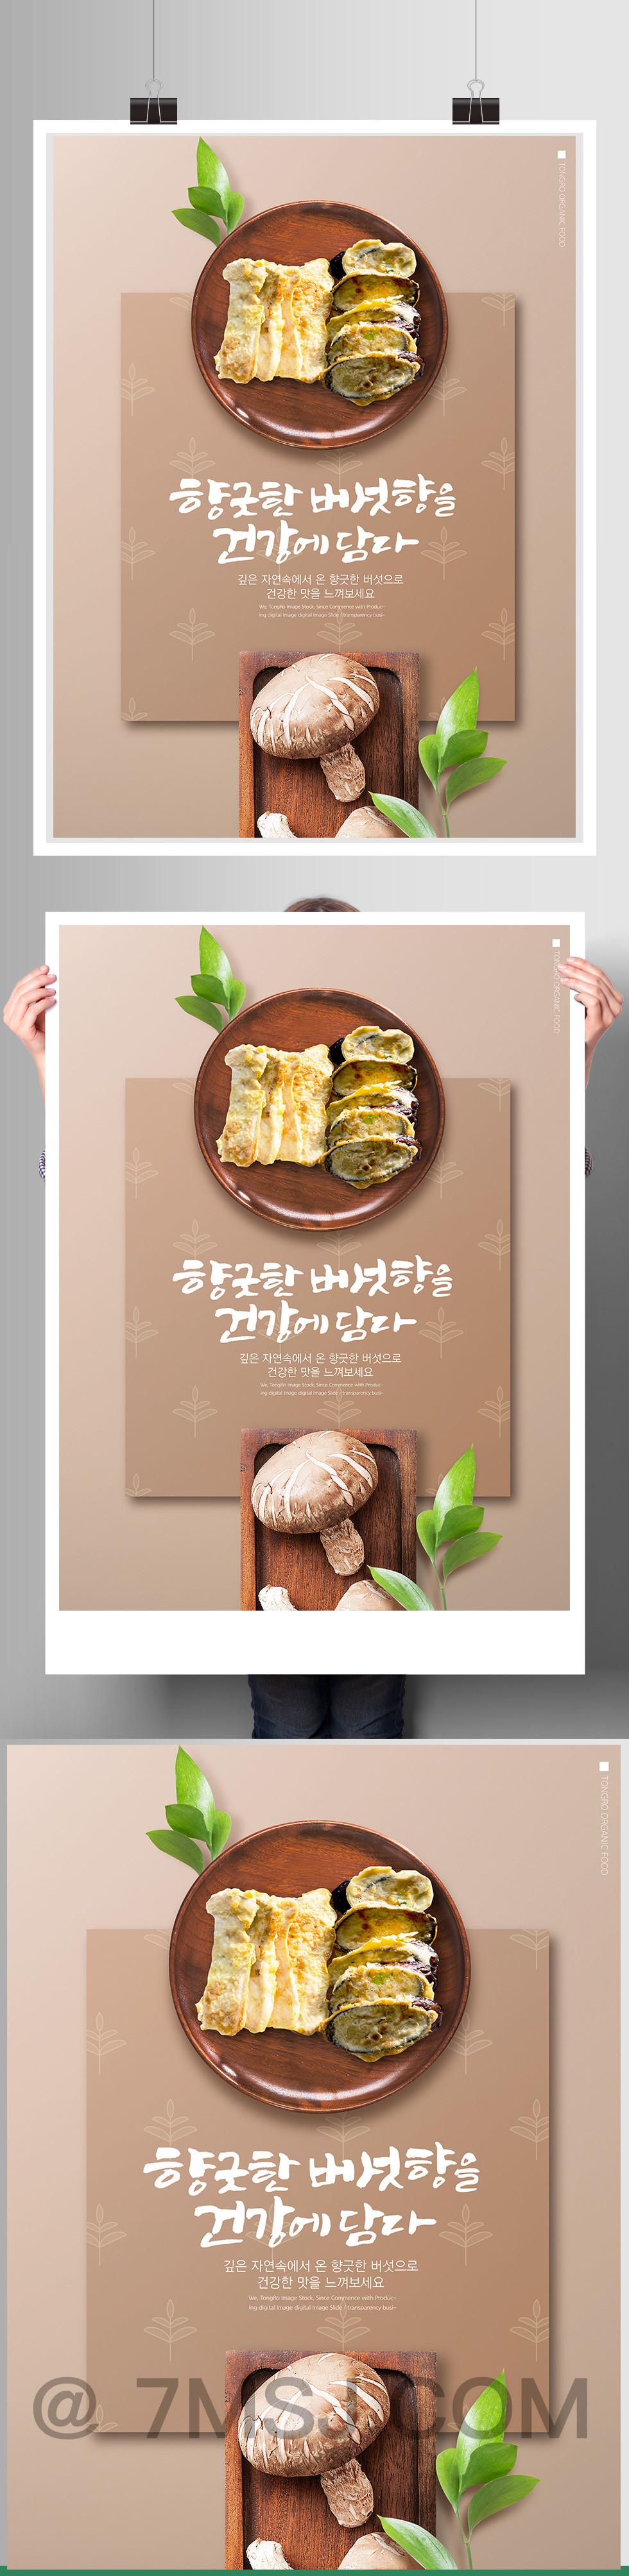 简约小清新绿色食品健康饮食韩国美食海报素材